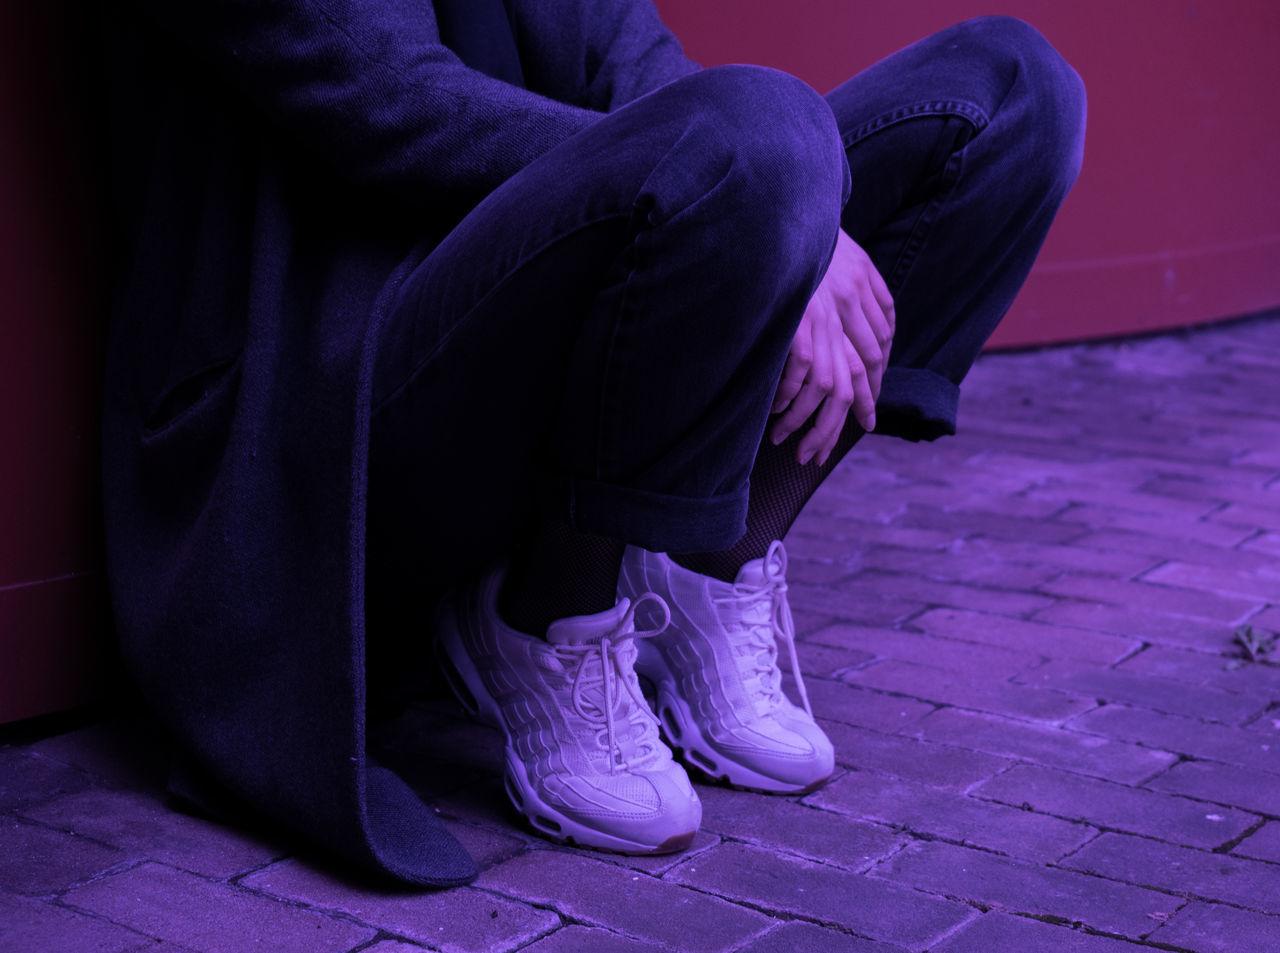 MARISSA LEE 0711 Adults Only Constantinschiller Herrschiller Human Leg Low Section One Person One Woman Only Purple Schillergirls Sitting Social Issues Stuttgart